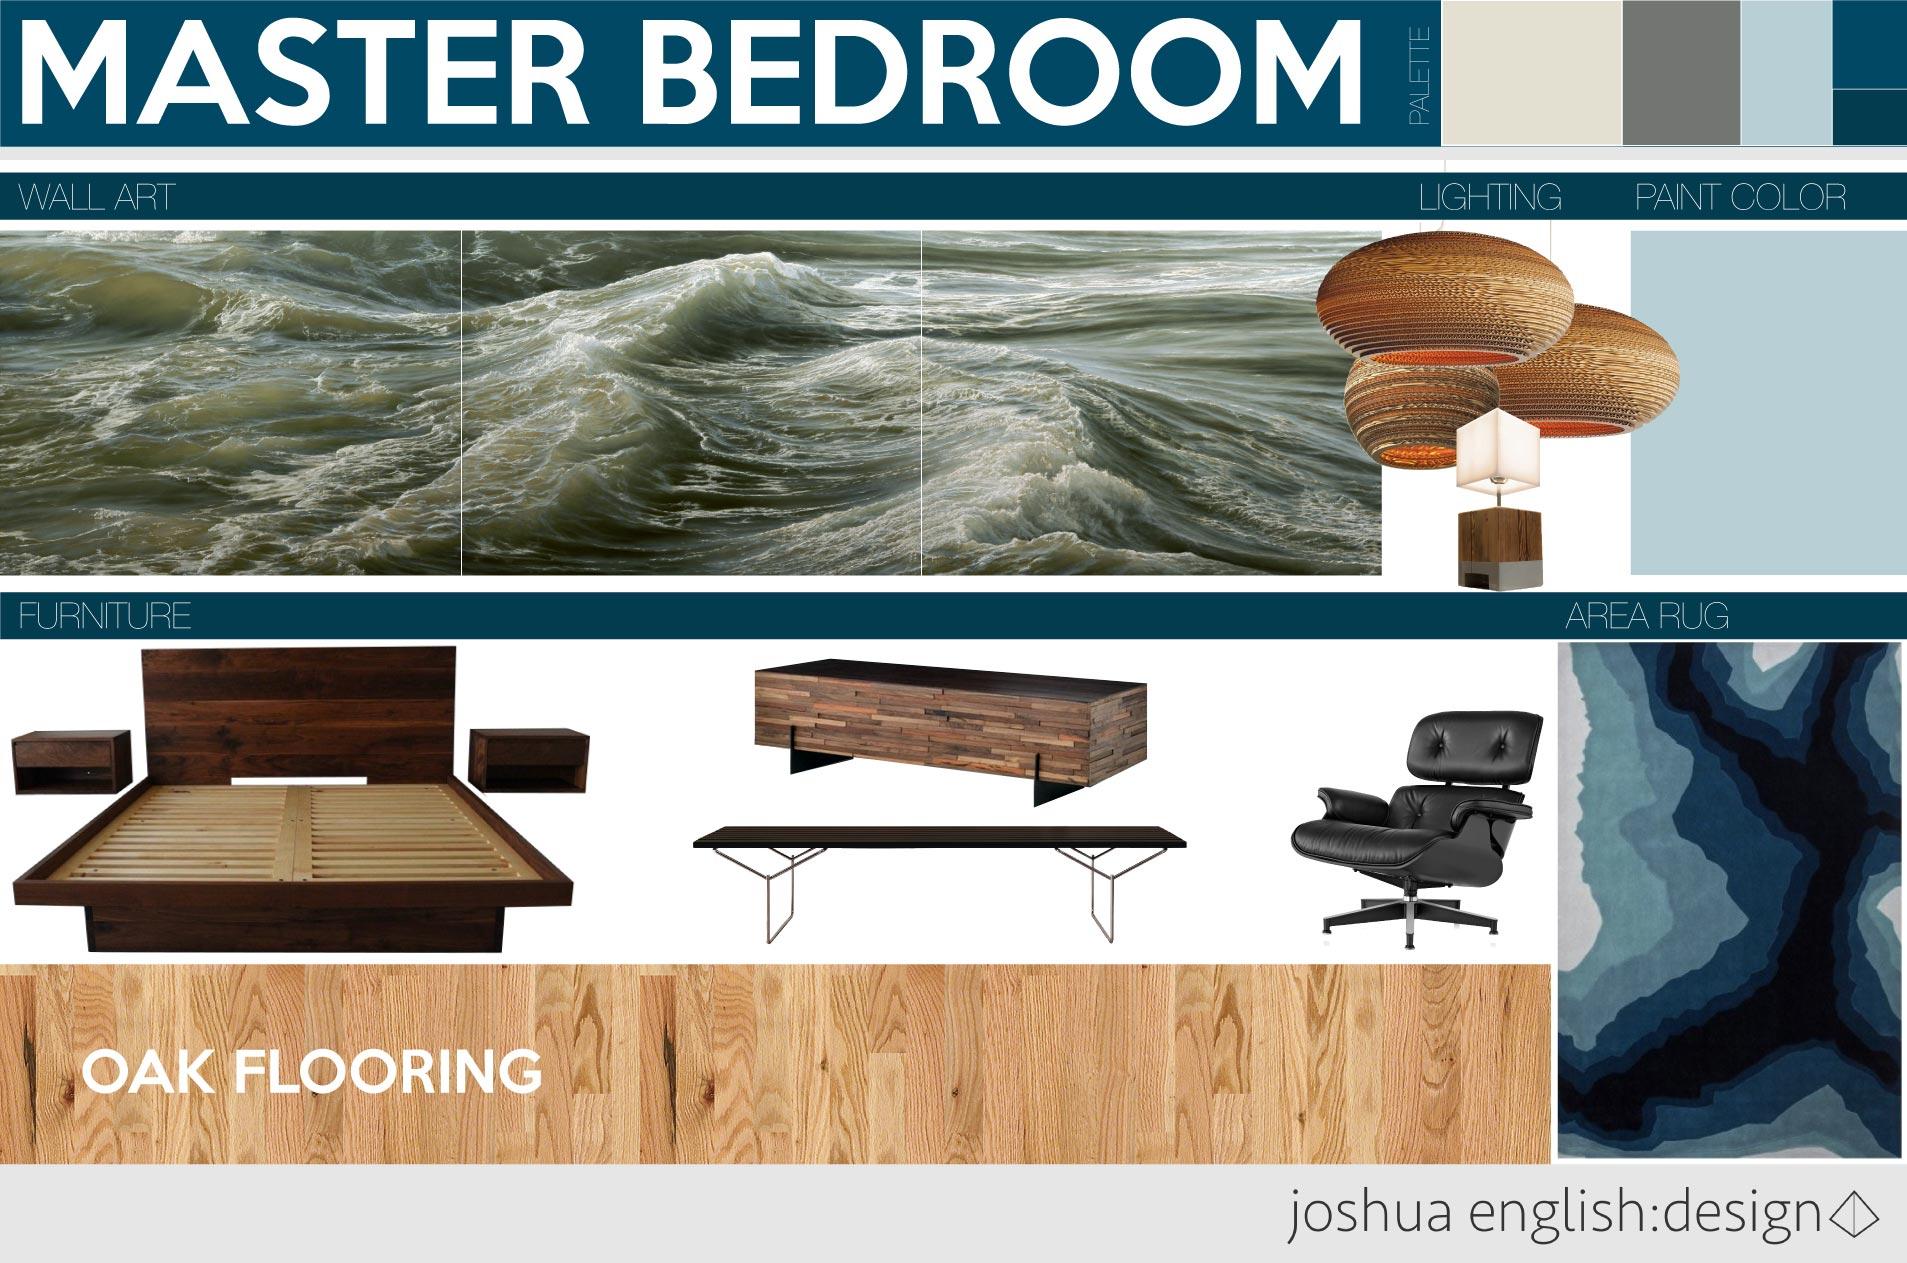 MasterBedroom-materials-board.jpg